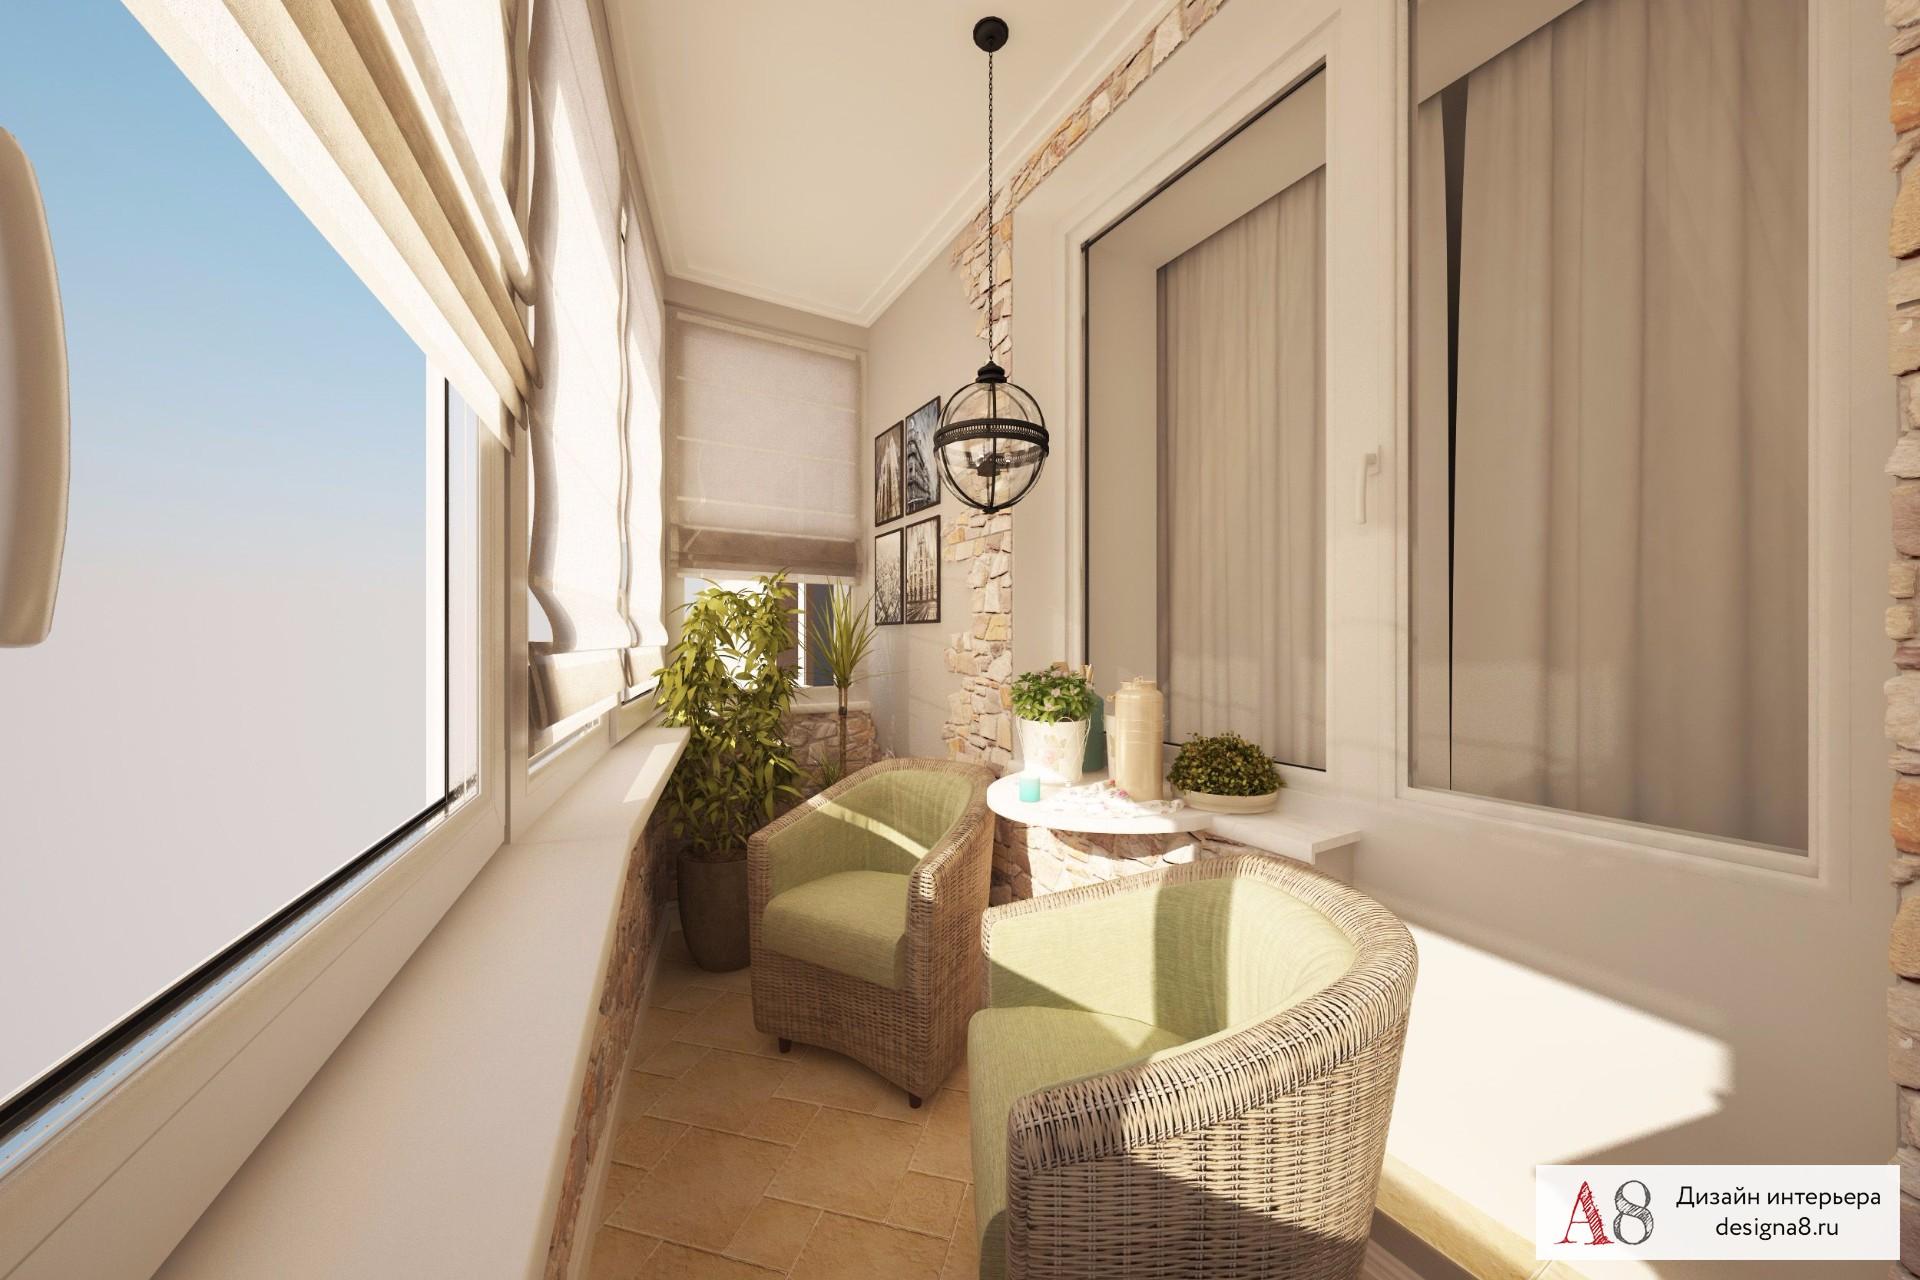 Дизайн двухкомнатной квартиры 77 кв. м в санкт-петербурге - .